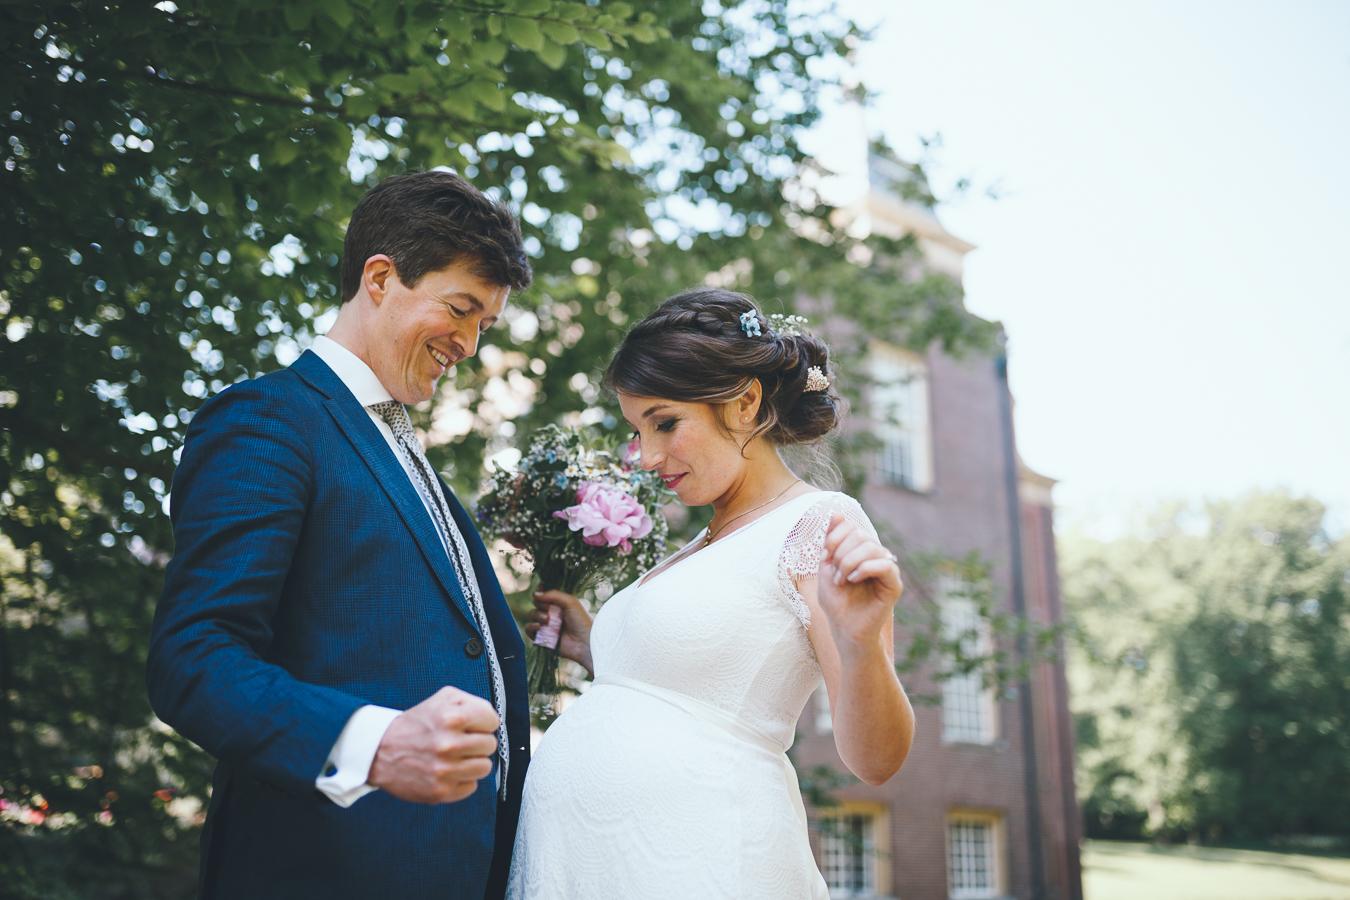 Trouwen in Arnhem trouwfotograaf Apeldoorn op dinsdag